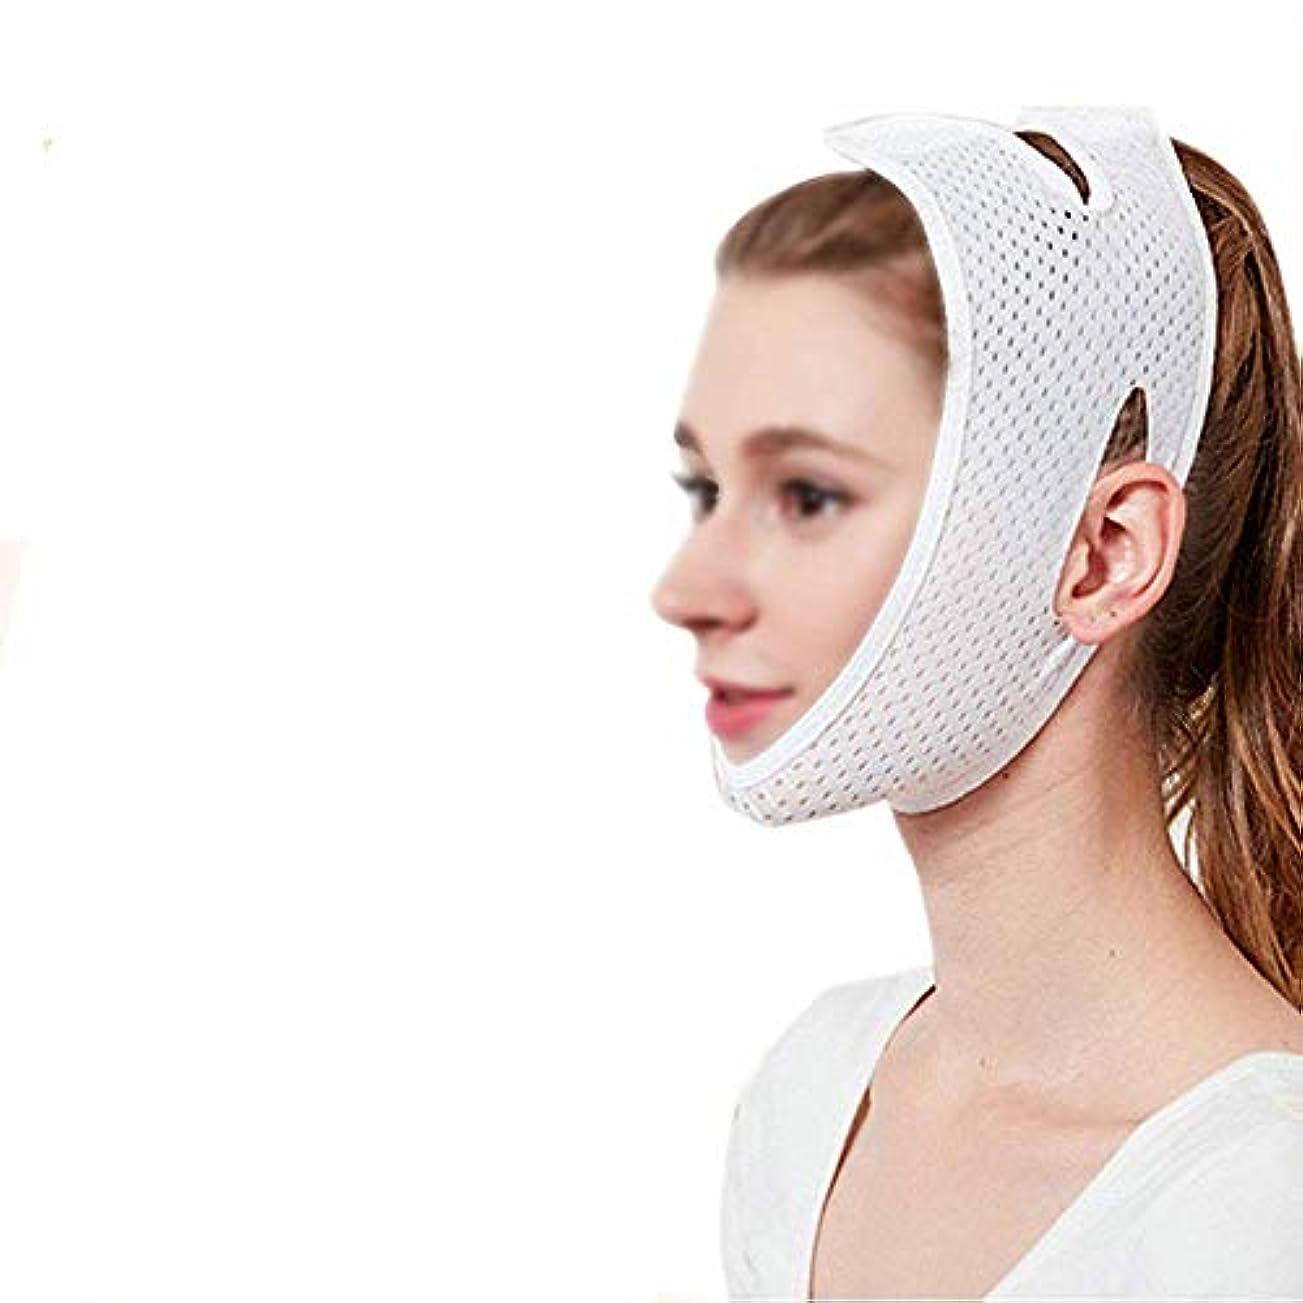 ローン紀元前注釈薄型フェイスベルト、V字絆創膏ダブルマスクあご取り法用マスクリフティングファーミングスリーピングマスク(カラー:ホワイト),白